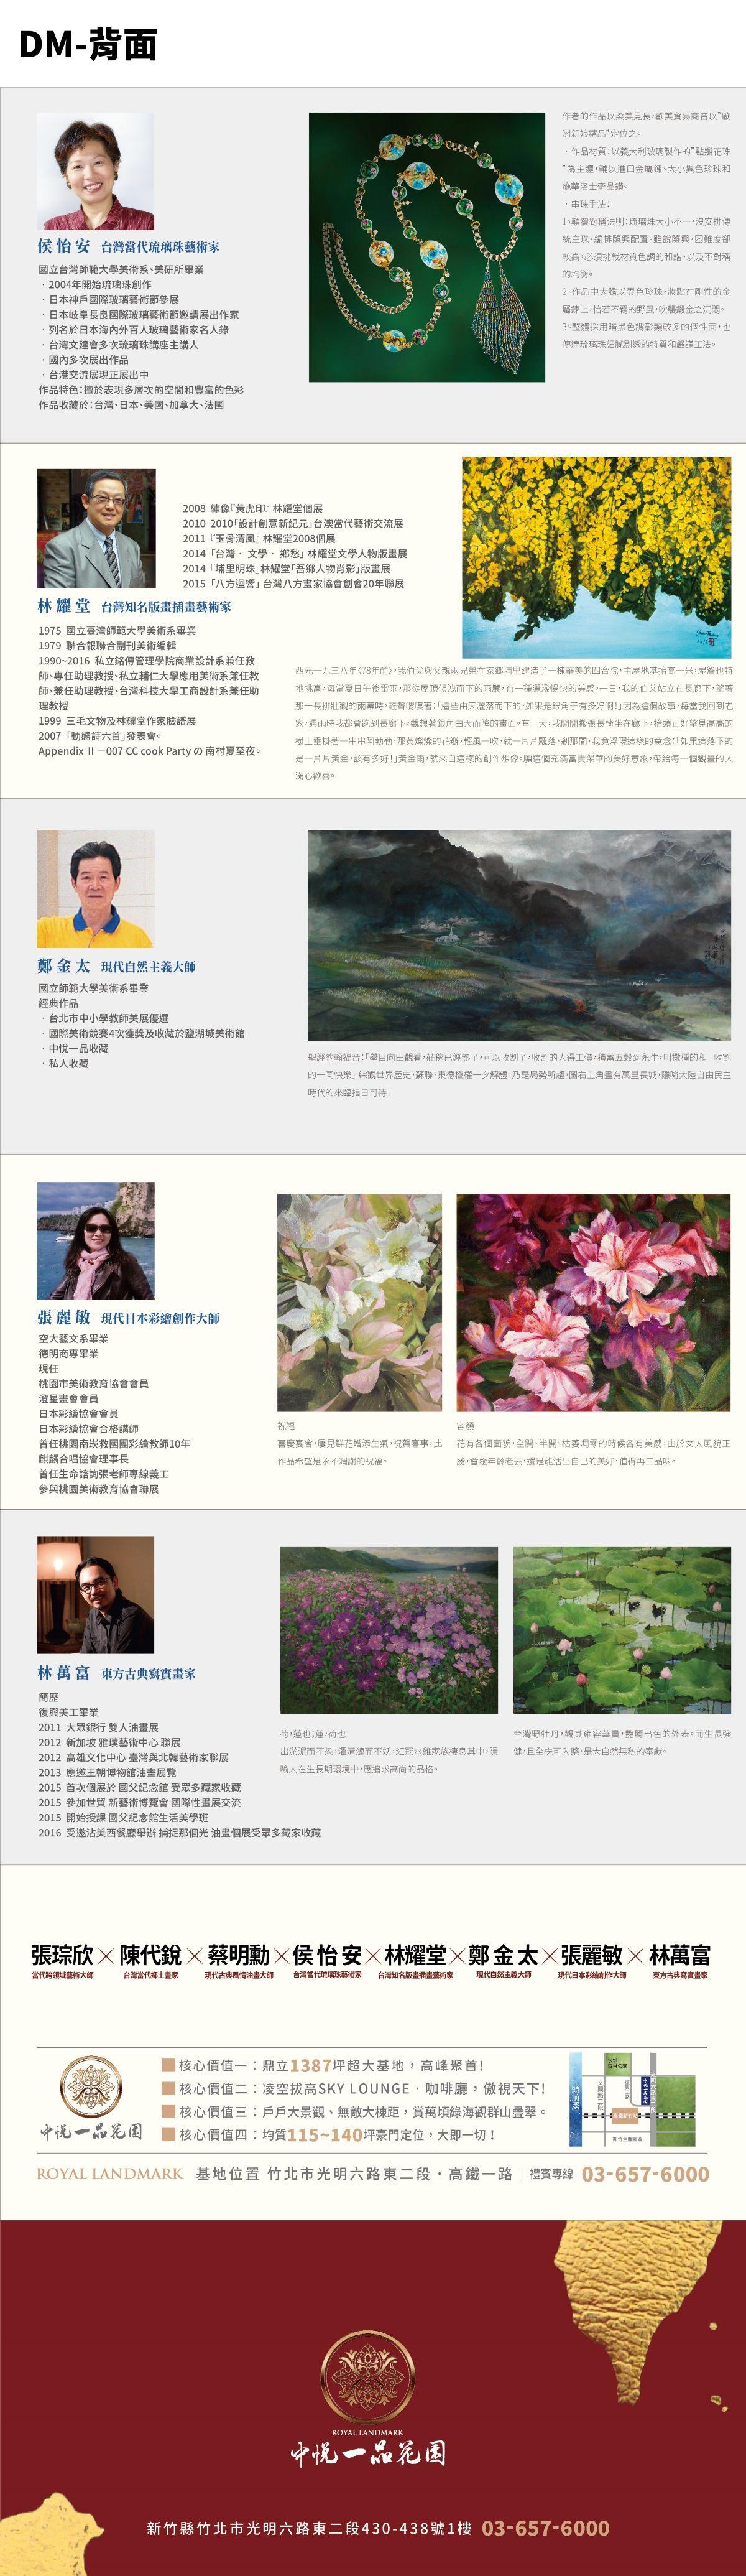 [竹北高鐵]中悅建設-中悅一品花園(大樓) 2016-12-04 004.jpg